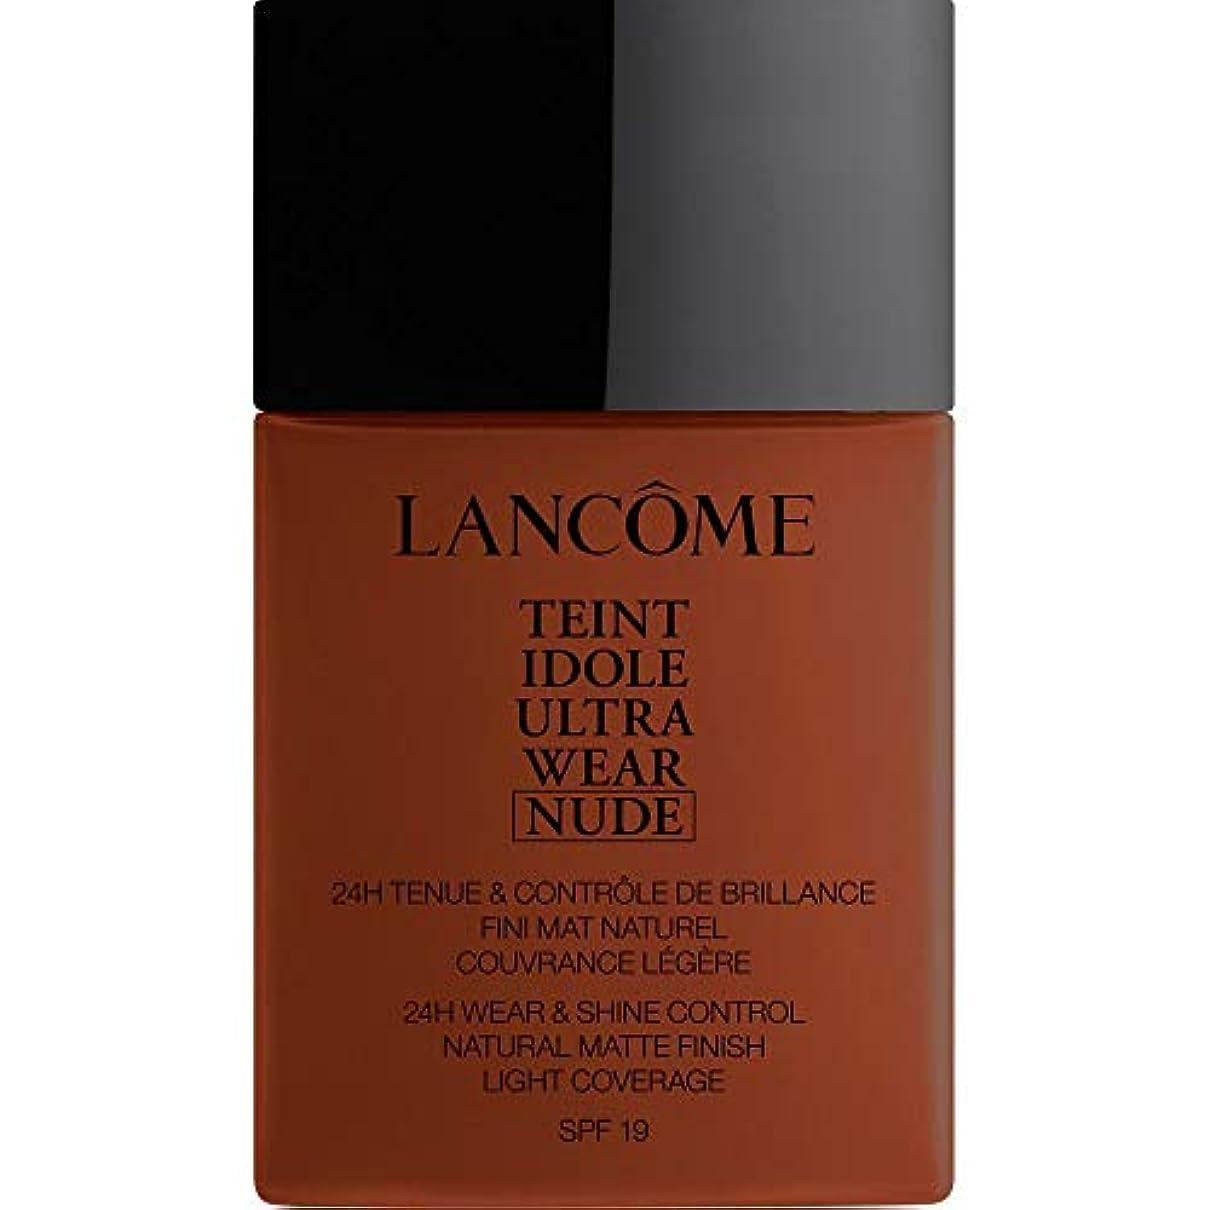 熱狂的なより実際[Lanc?me ] ランコムTeintのIdole超摩耗ヌード財団Spf19の40ミリリットル14 - ブラウニー - Lancome Teint Idole Ultra Wear Nude Foundation SPF19...